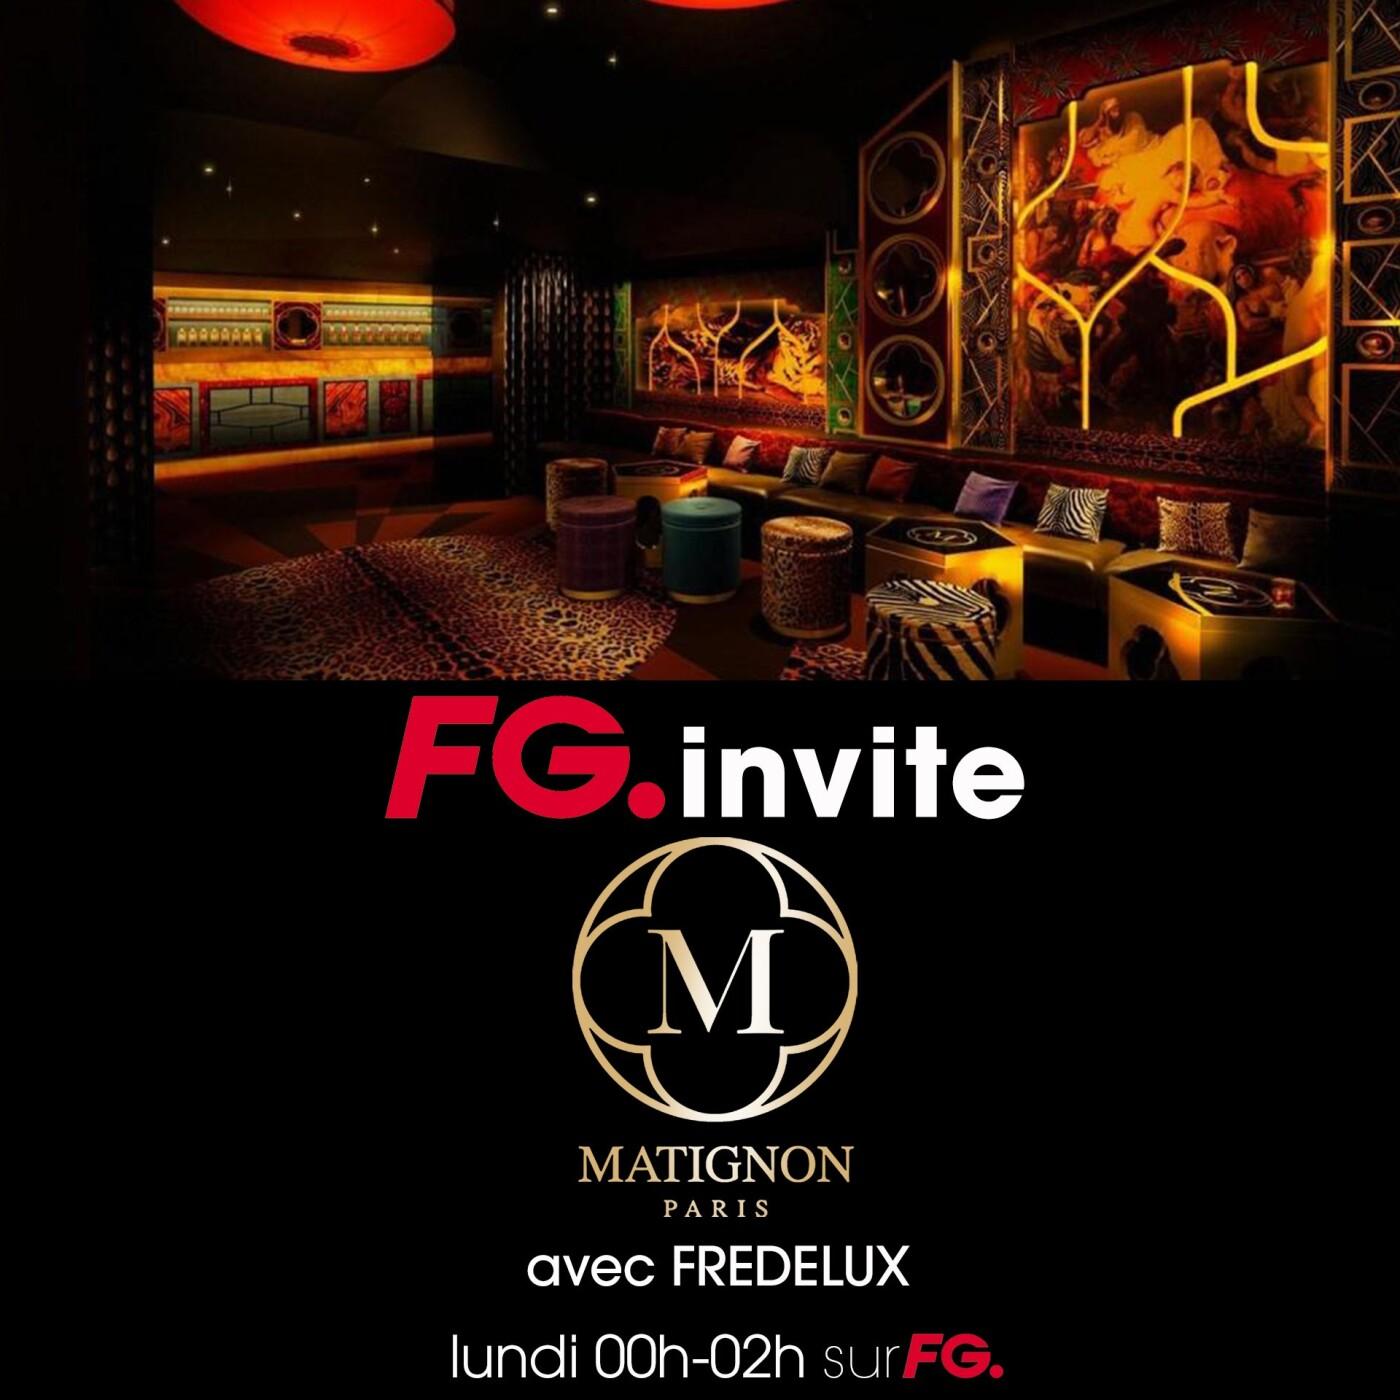 FG INVITE : LE MATIGNON PARIS